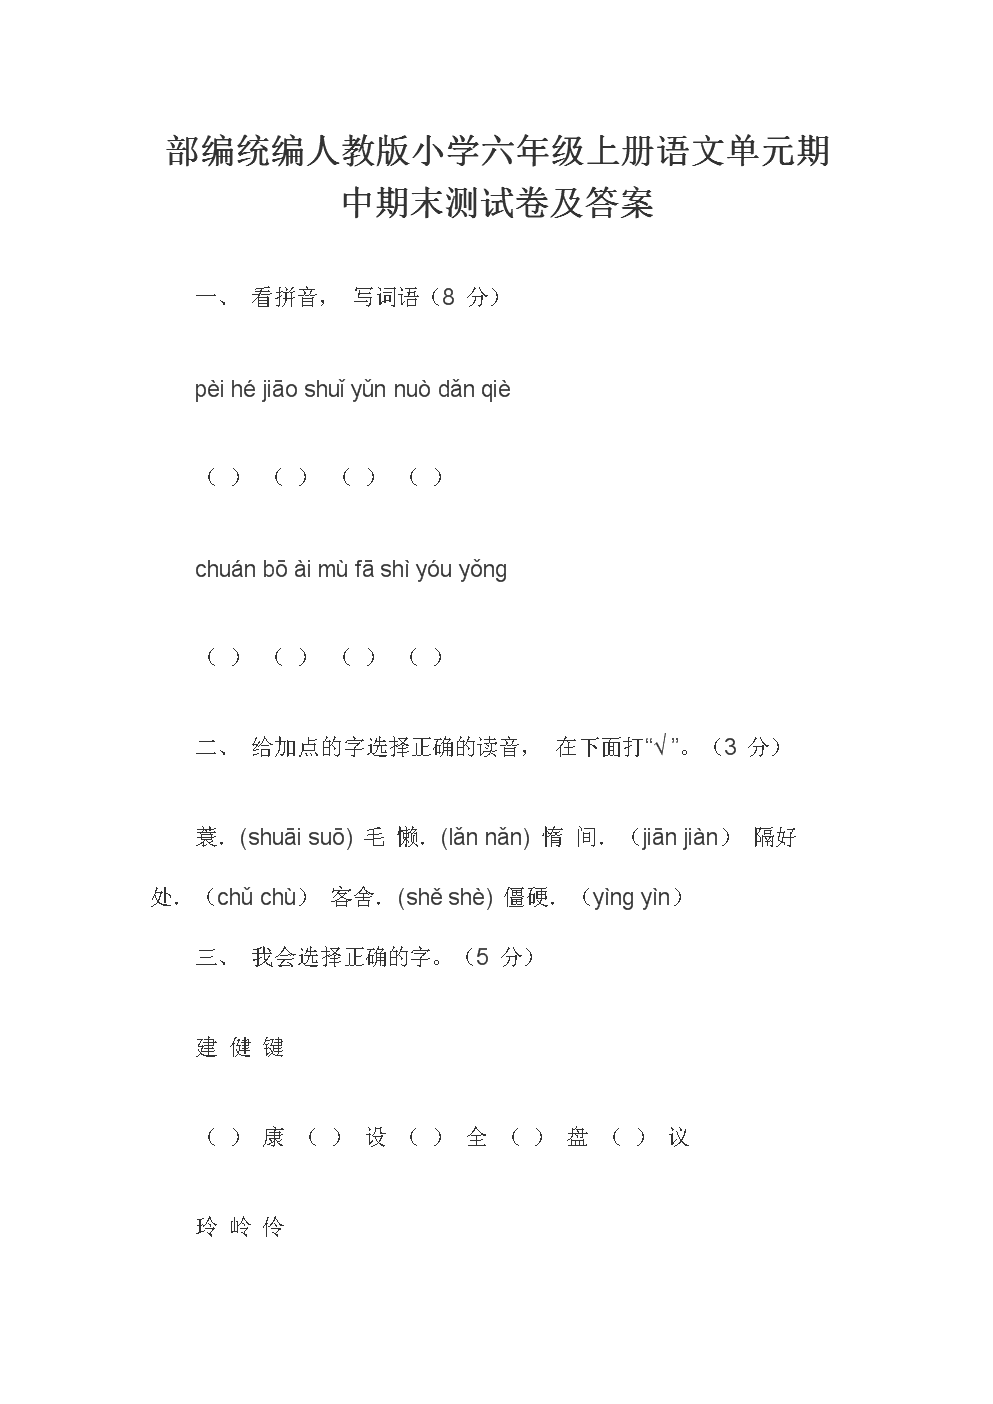 部编统编人教版小学六年级上册语文单元期中期末测试卷及答案.docx